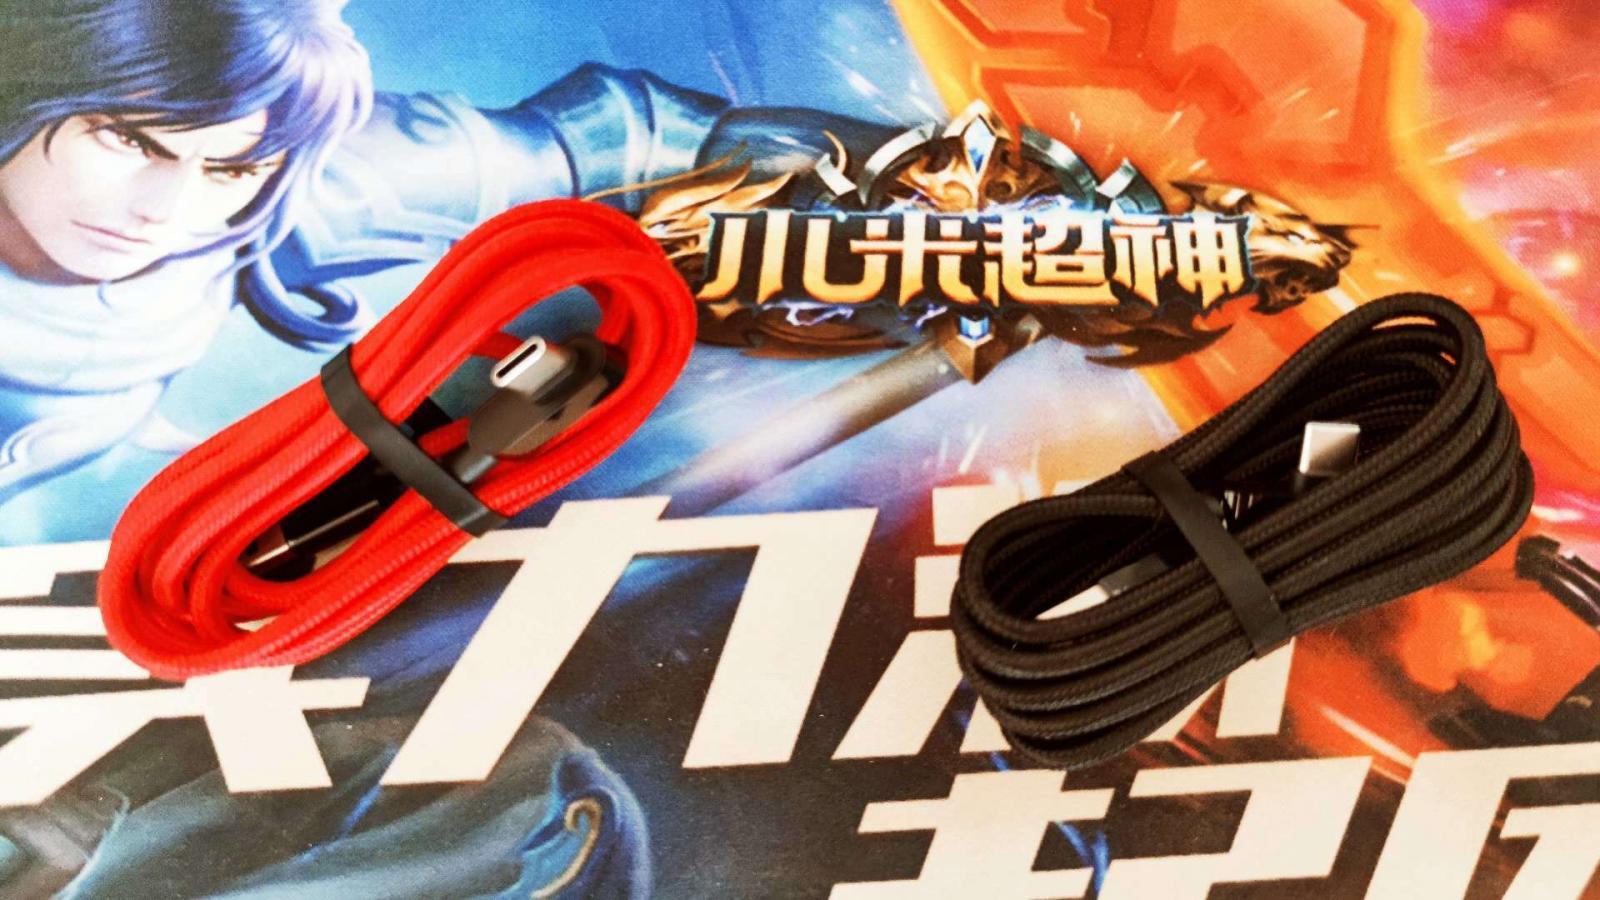 弯头设计,为游戏而生,ZMI游戏编织数据线